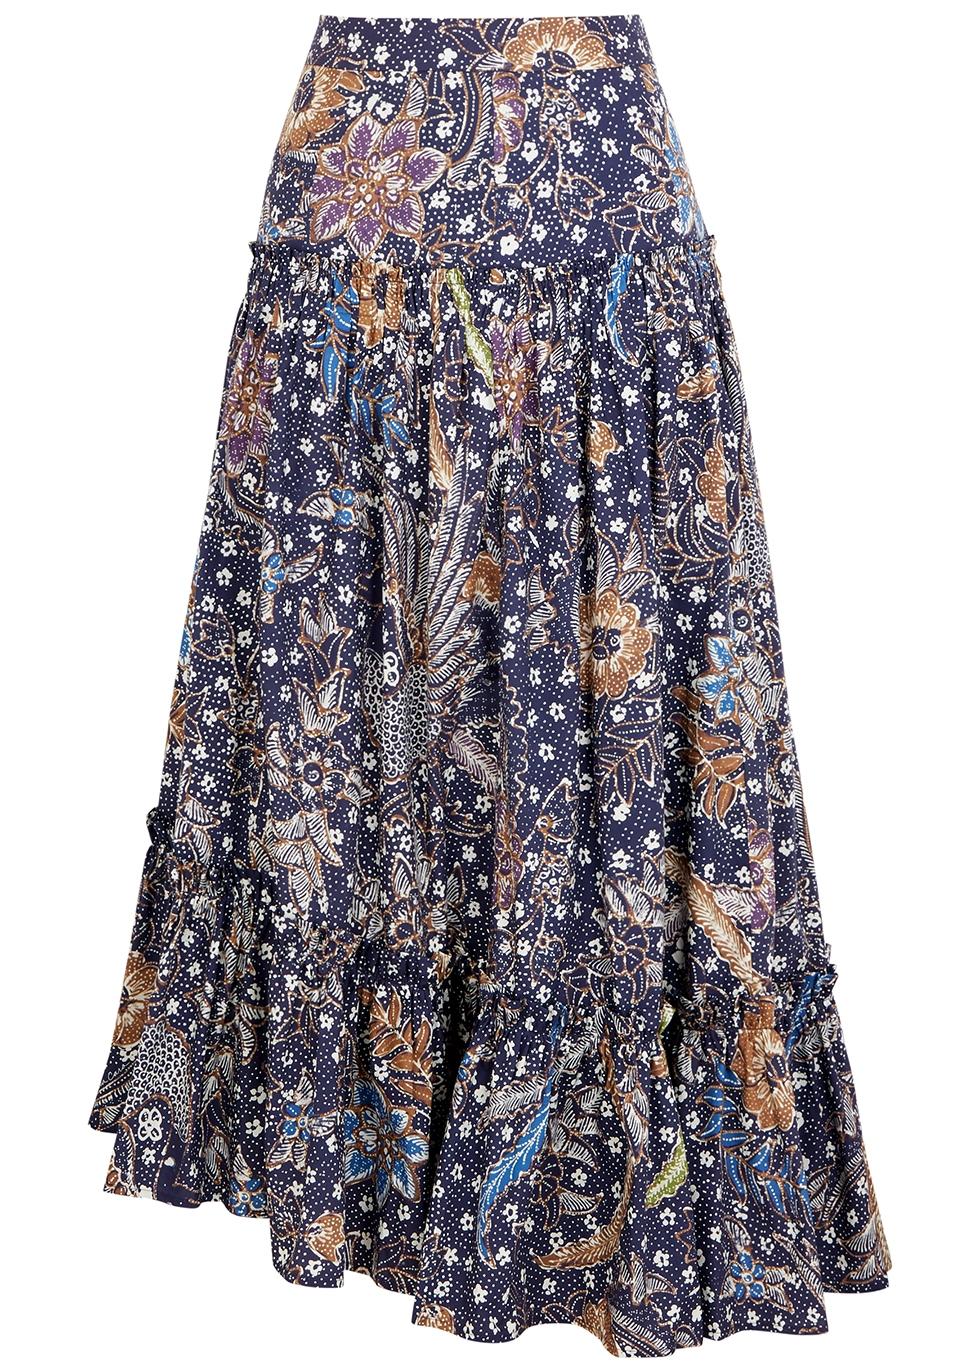 Tisbury printed cotton midi skirt